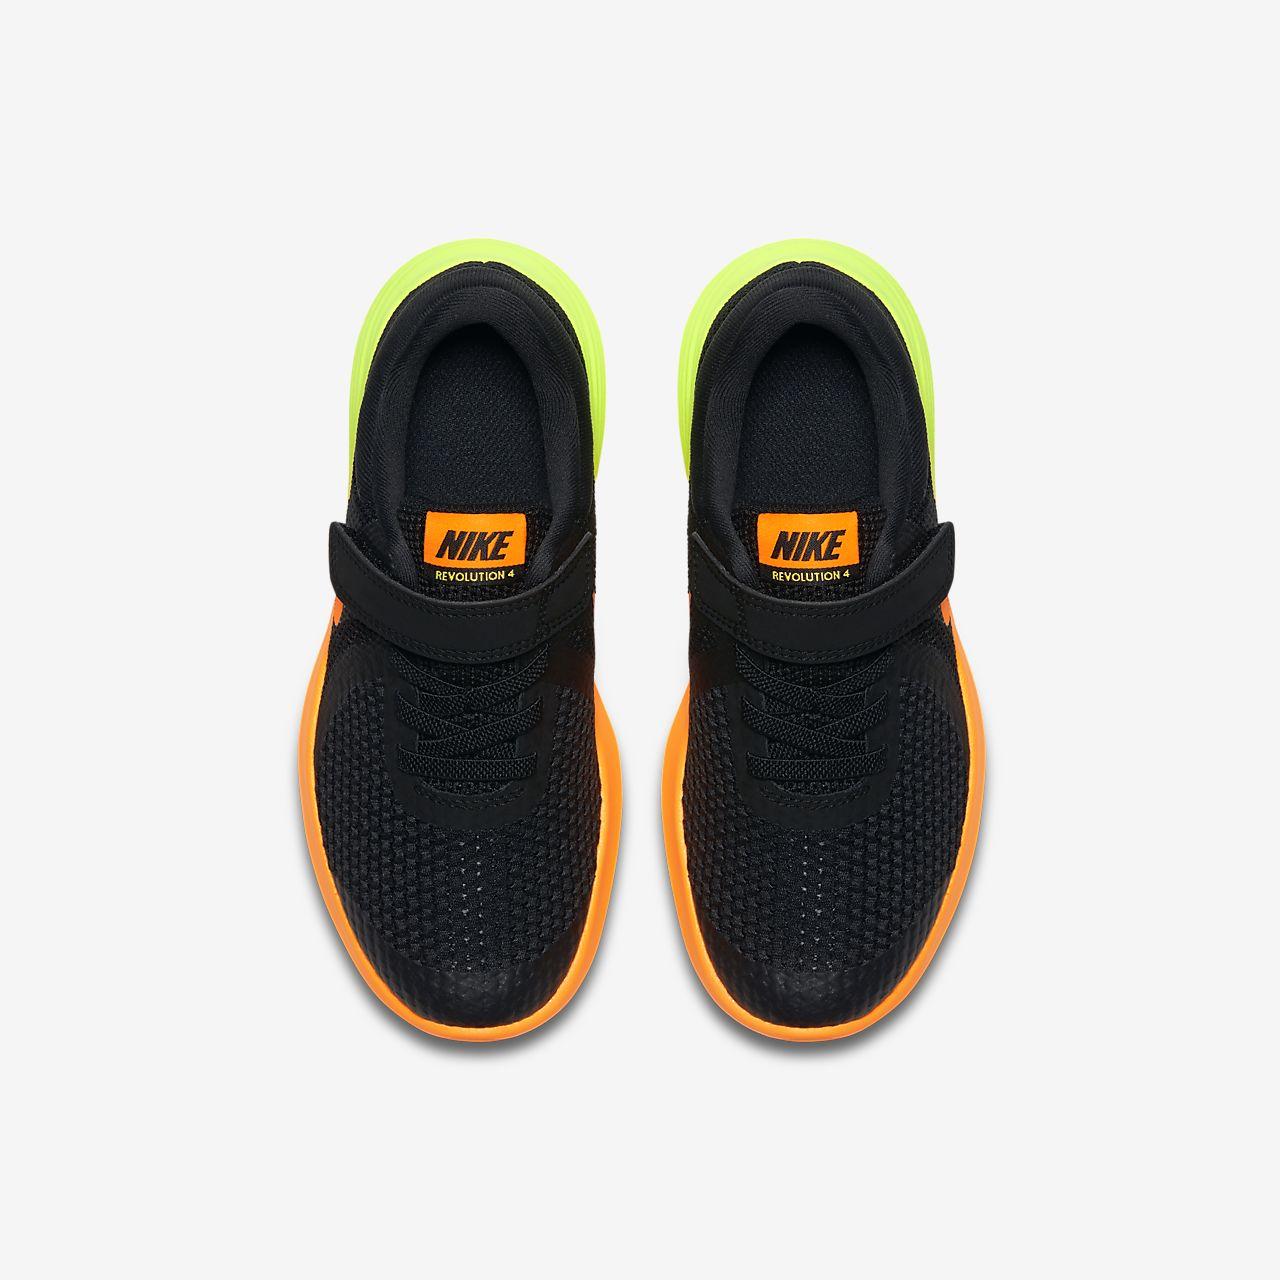 ... Nike Revolution 4 Fade Little Kids' Shoe